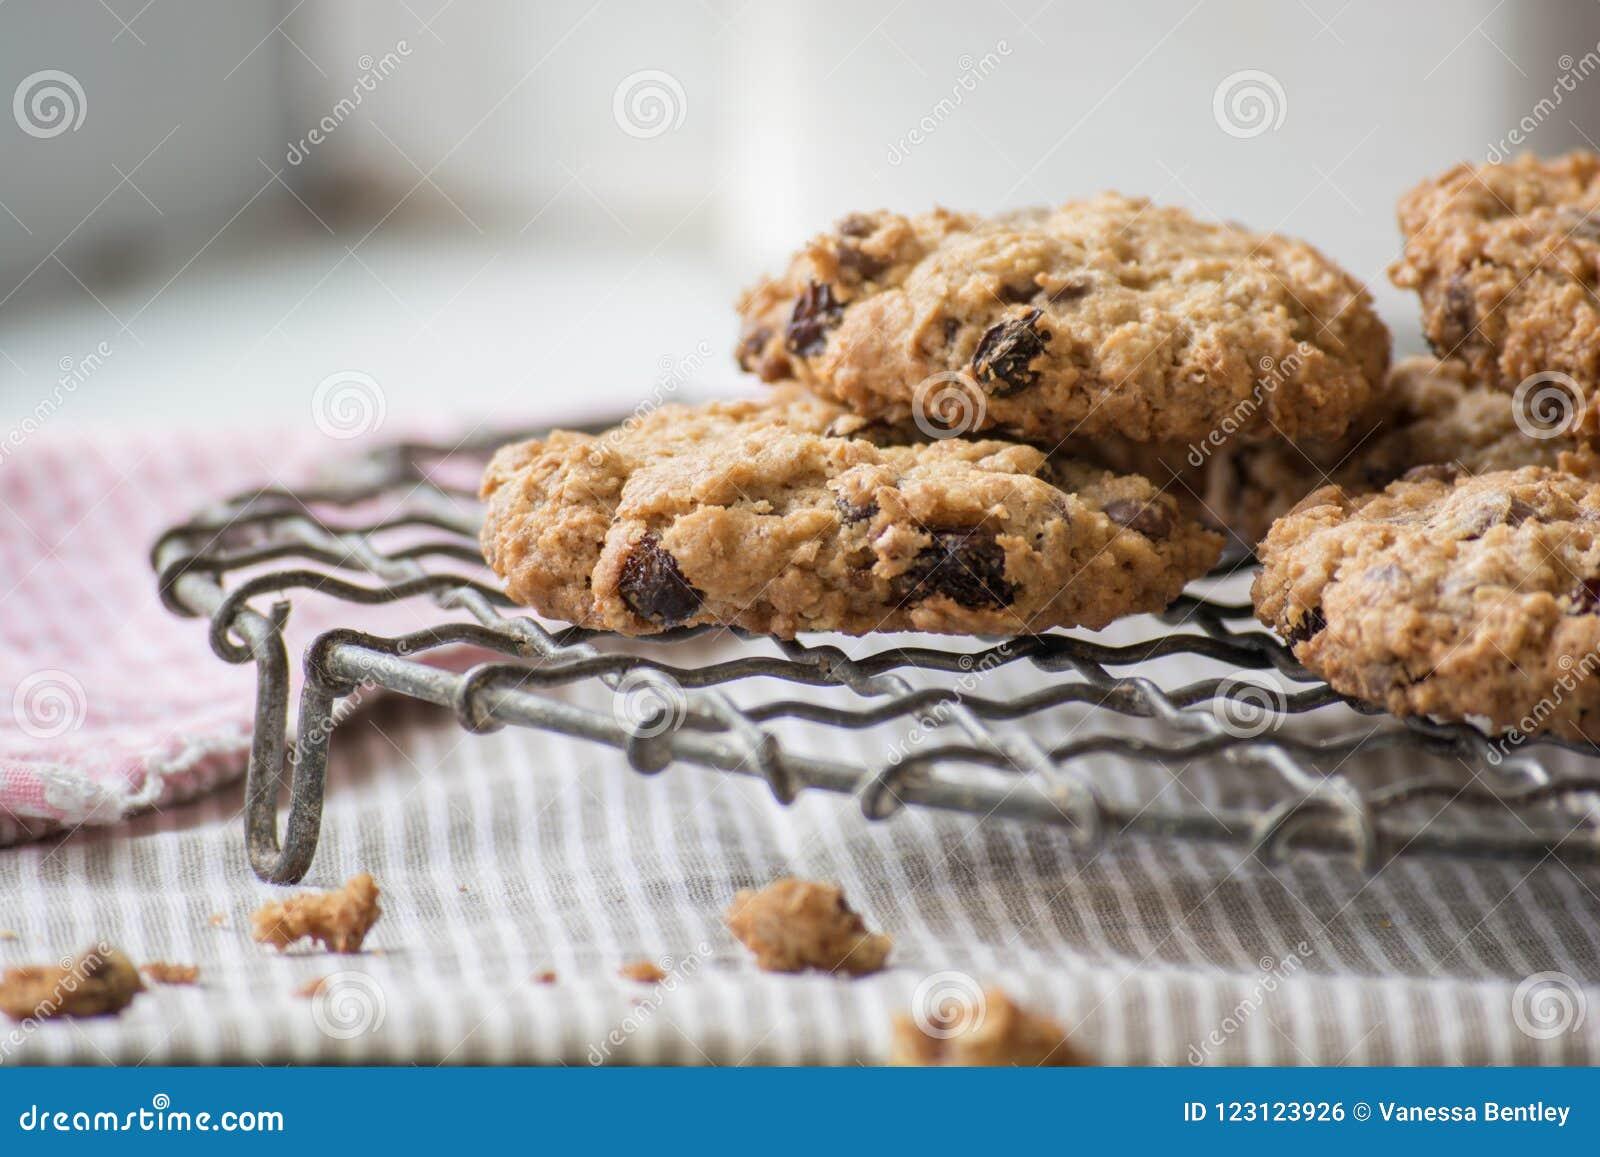 Biscuits faits maison caoutchouteux de farine d avoine sur un support de refroidissement de fil